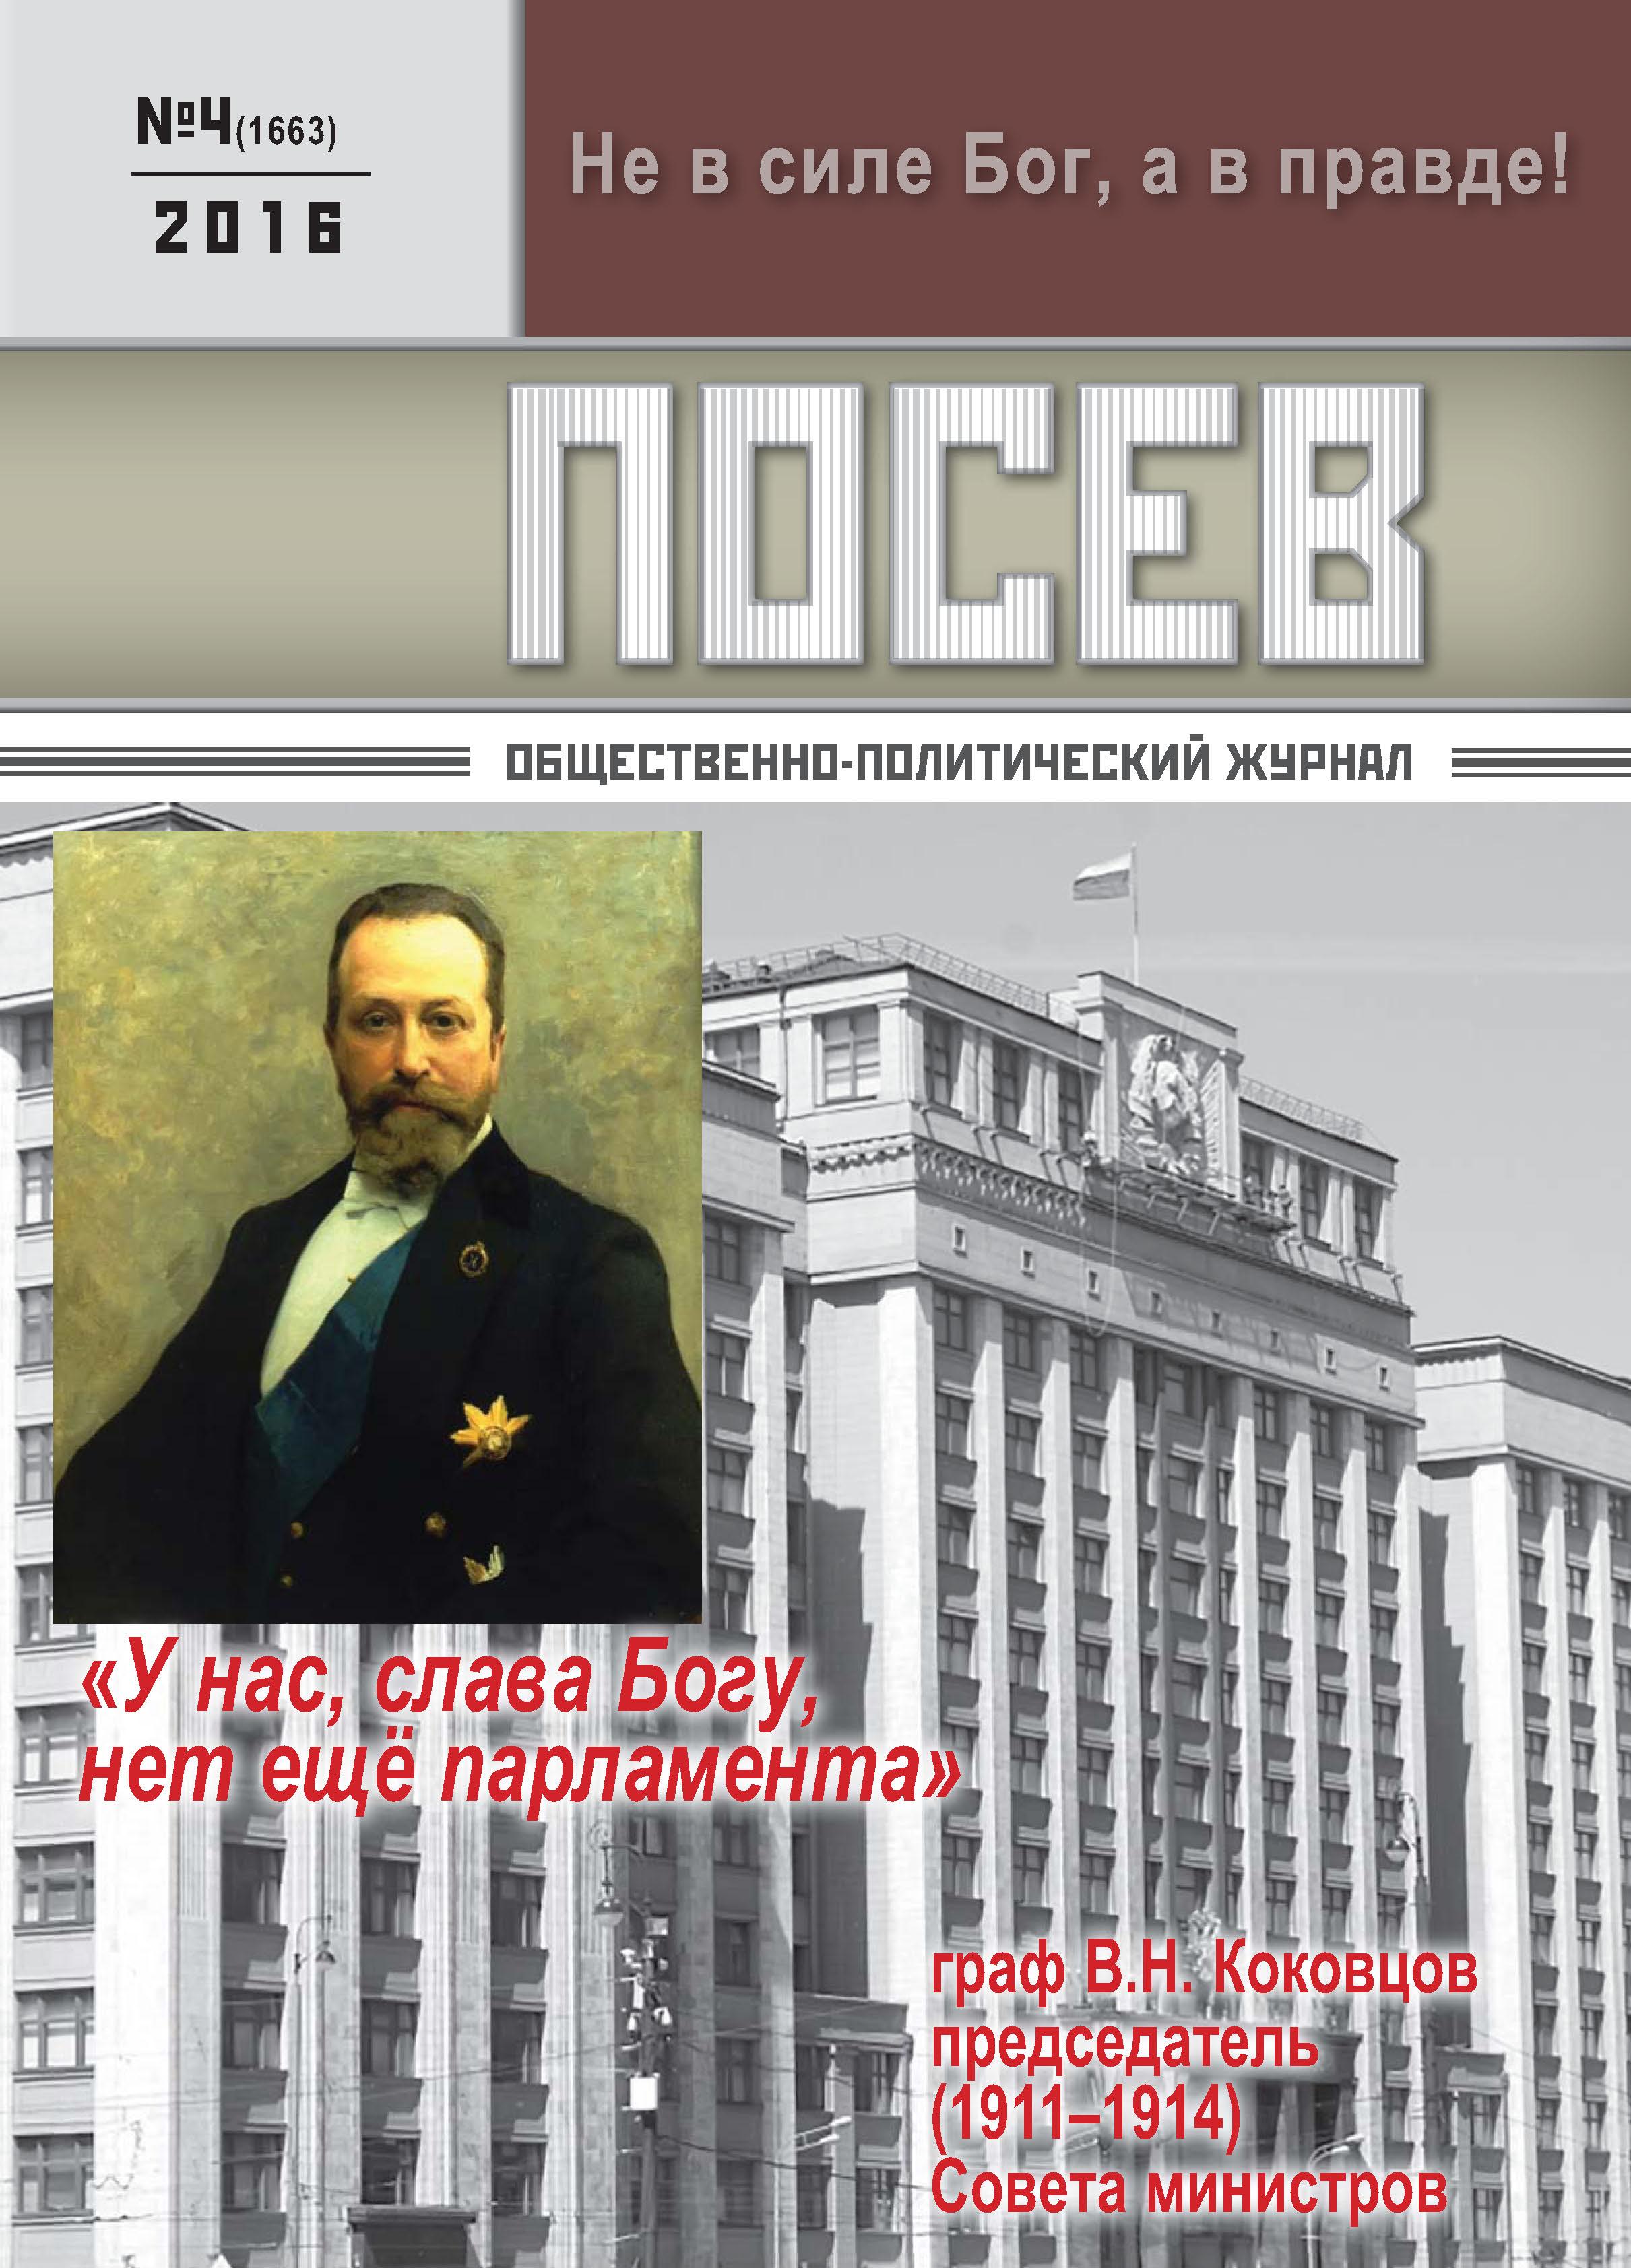 Посев. Общественно-политический журнал. №04/2016